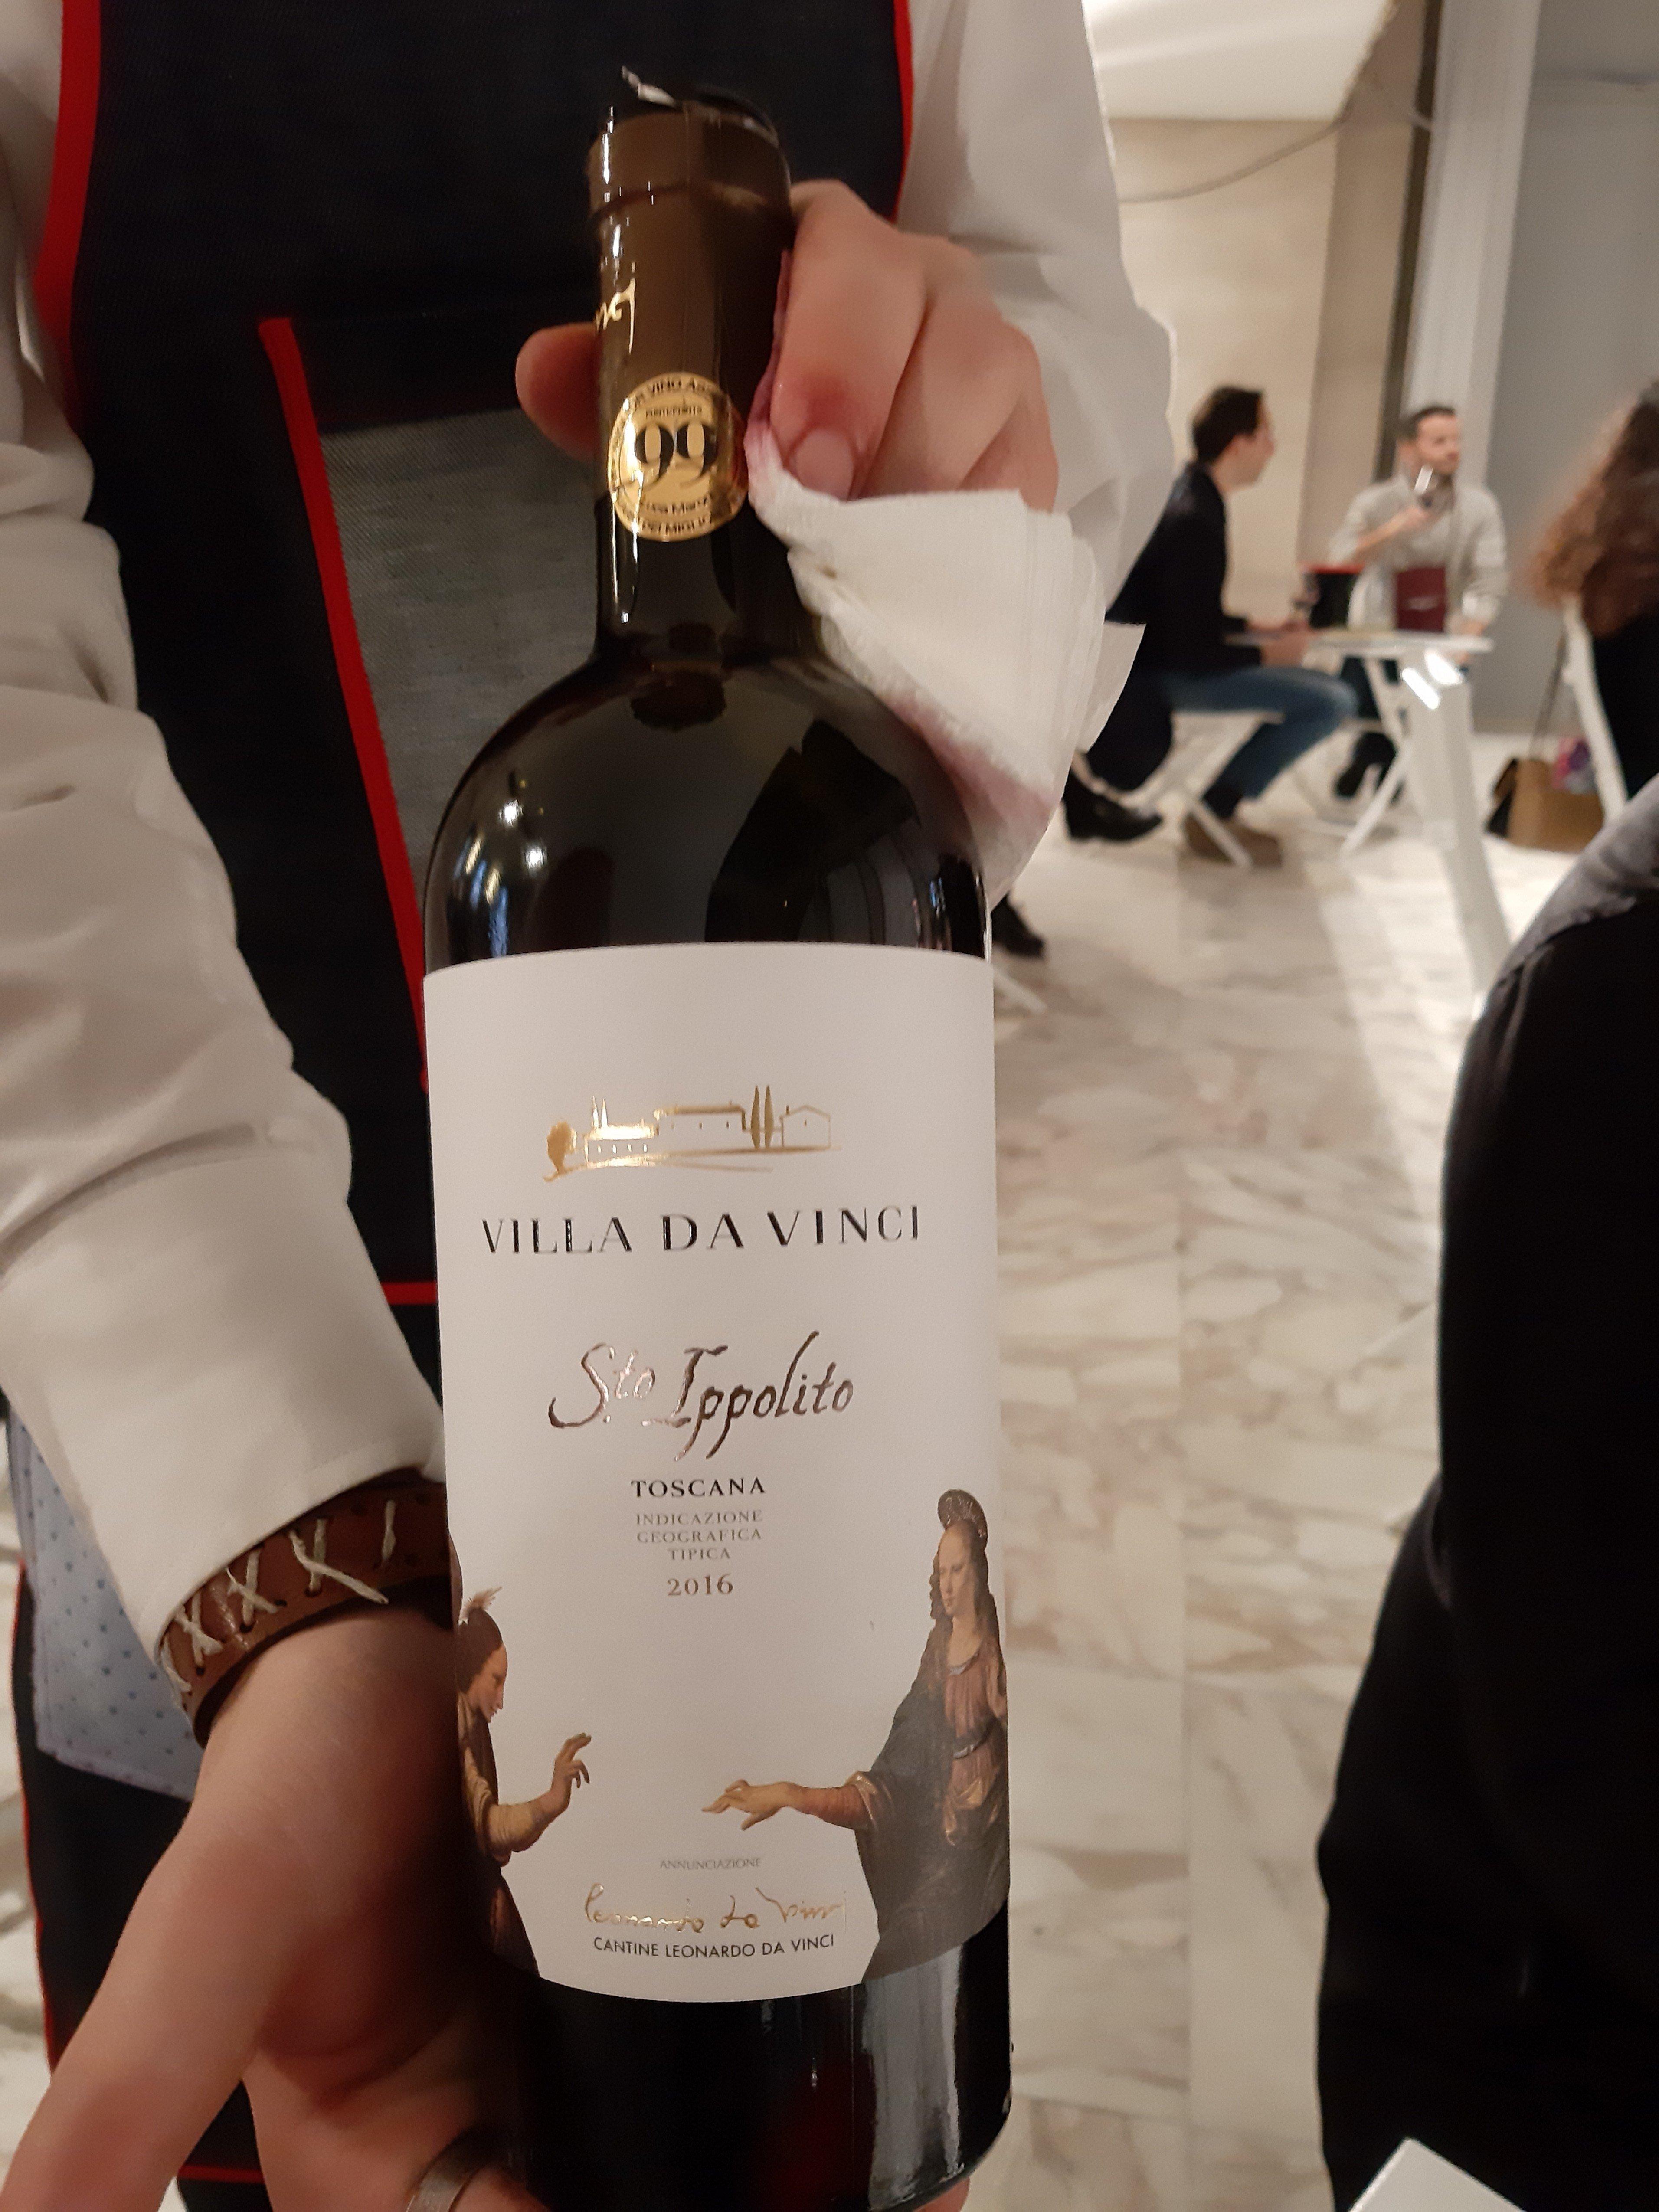 Villa da Vinci St. Ippolito 2016